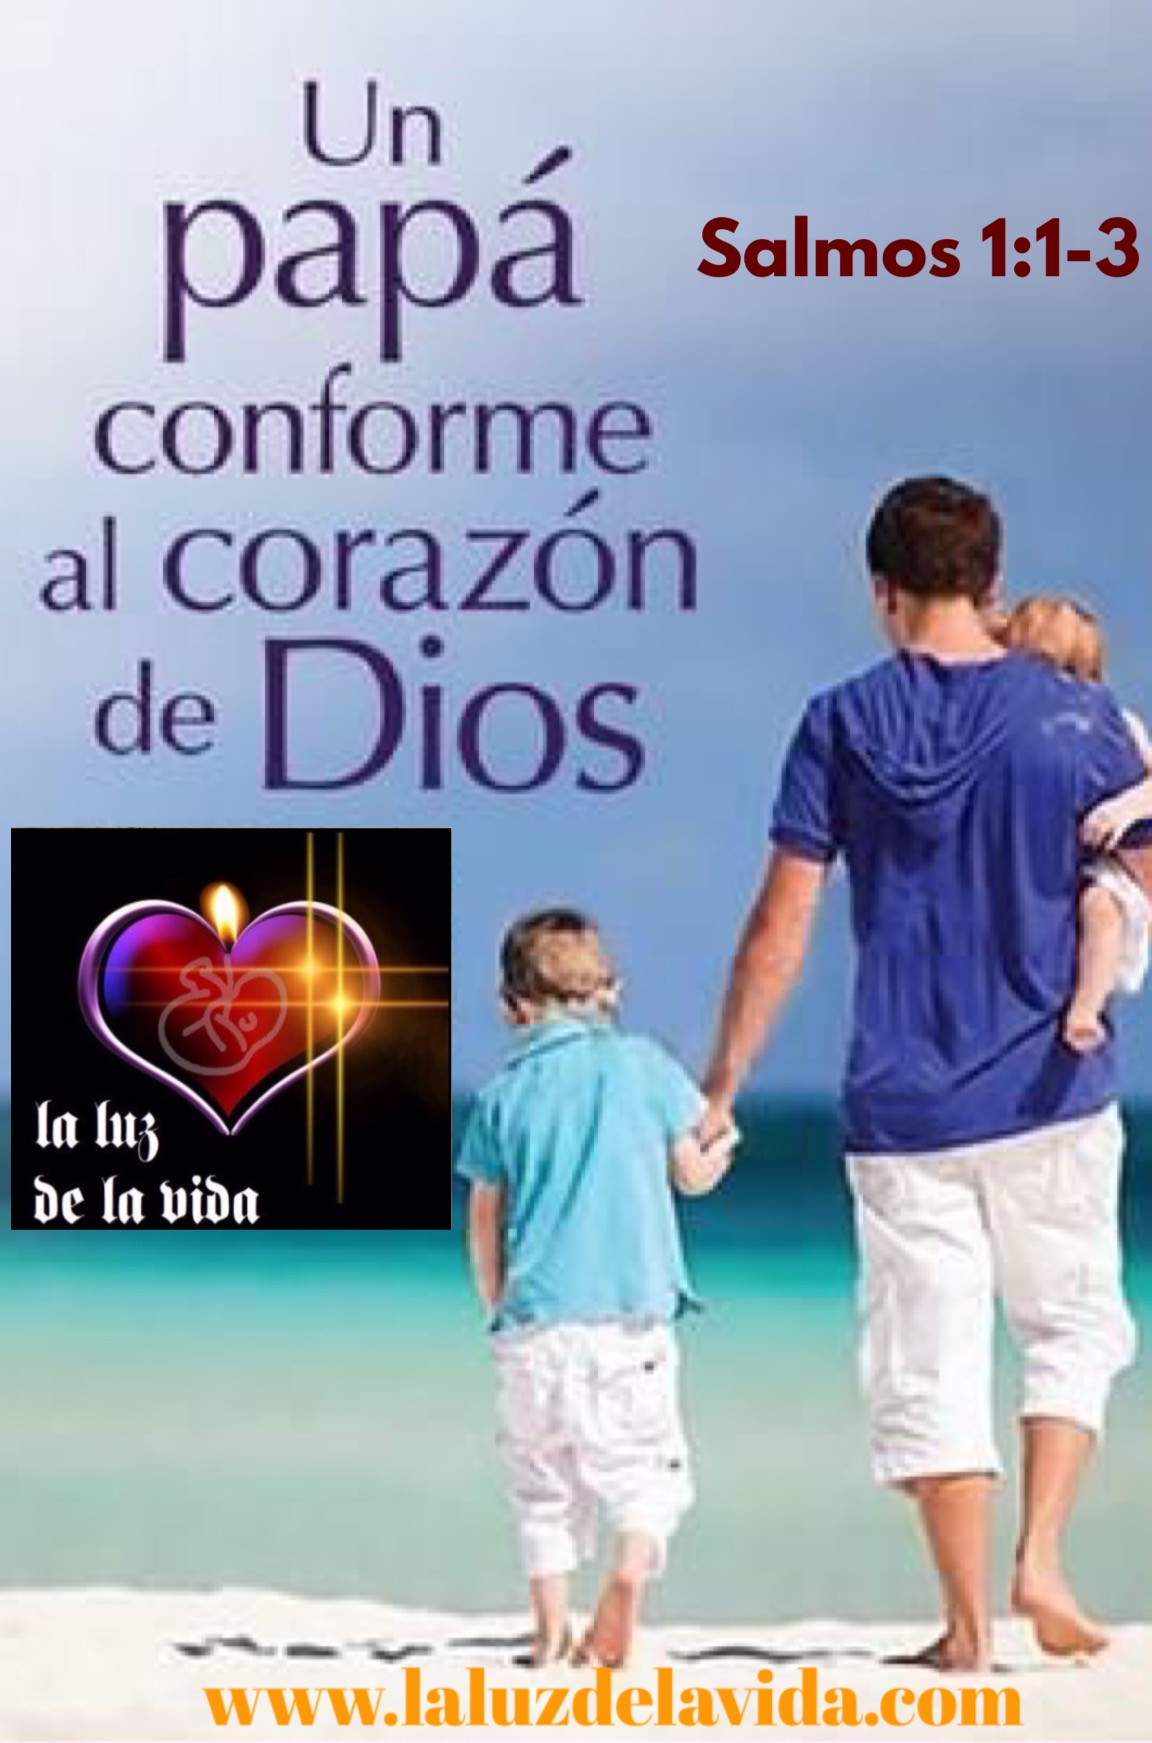 Feliz día del padre!